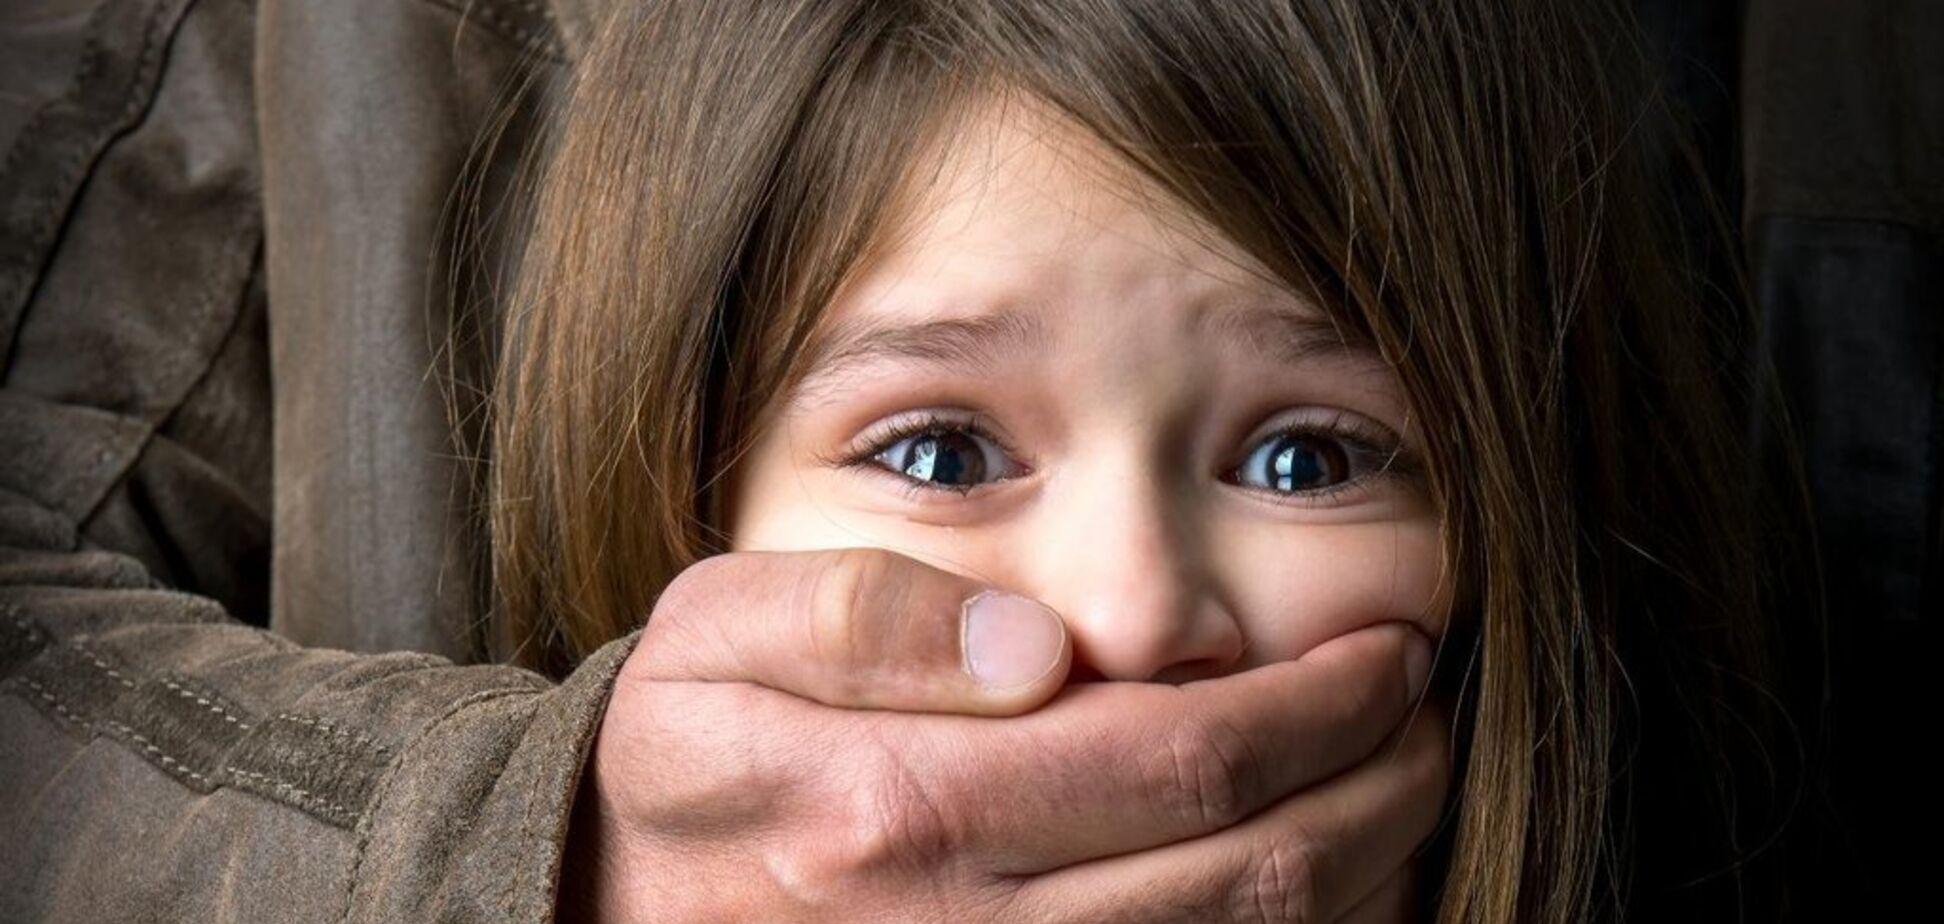 Як уберегти дітей від маніяків: правозахисник дав пораду батькам